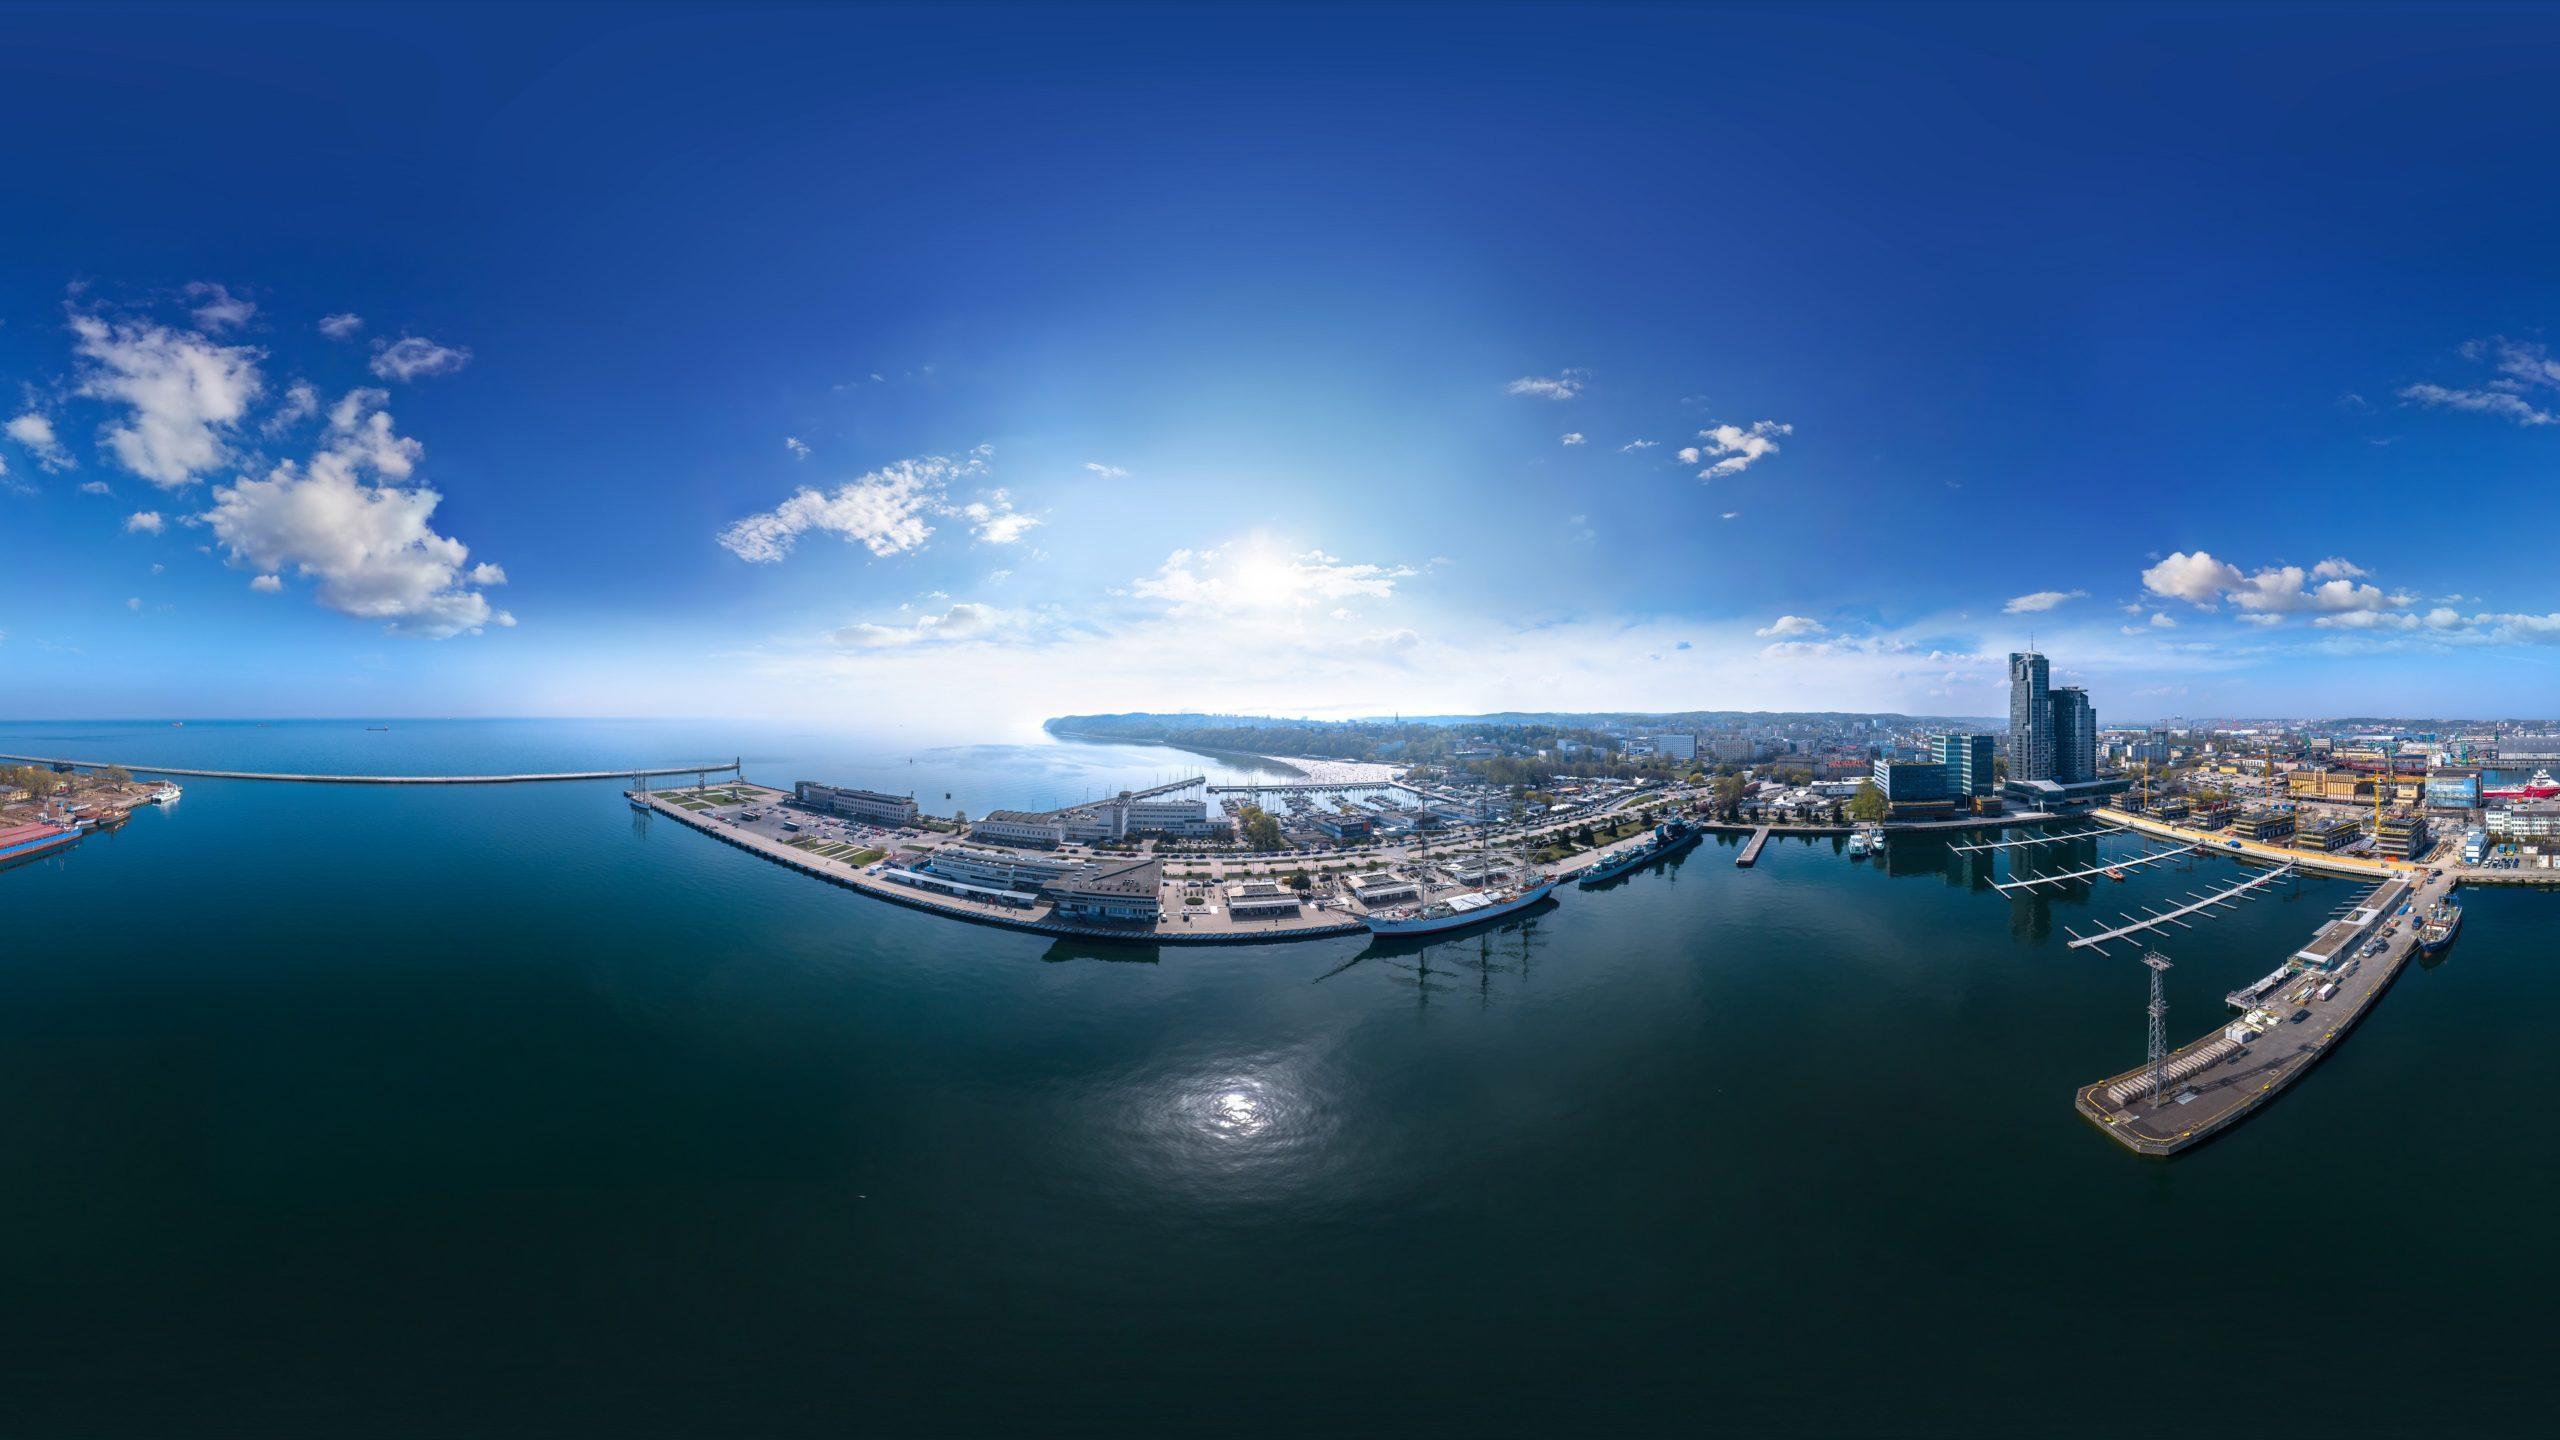 Panorama_360_Gdynia_Yacht_Park_